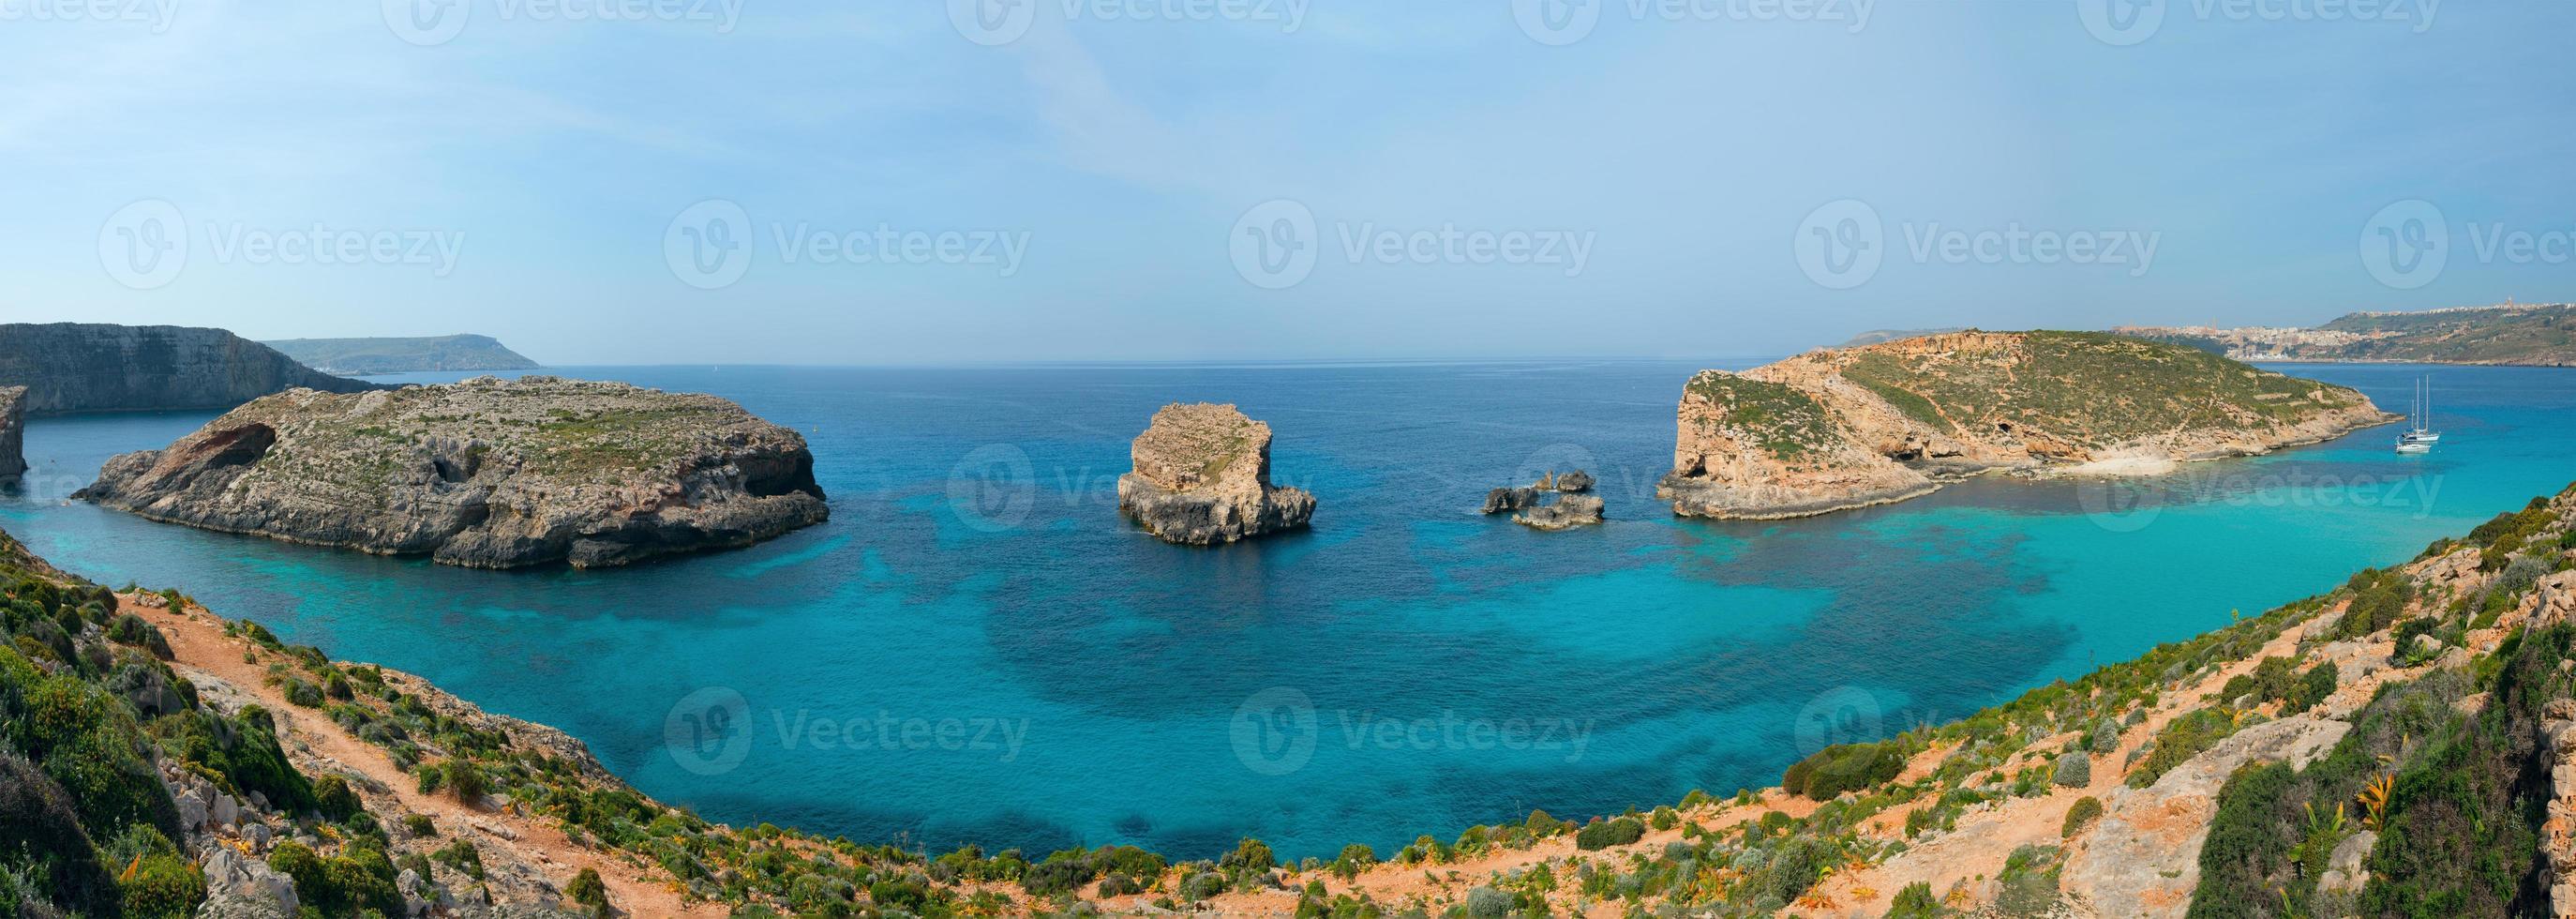 laguna blu isola di comino malta gozo foto